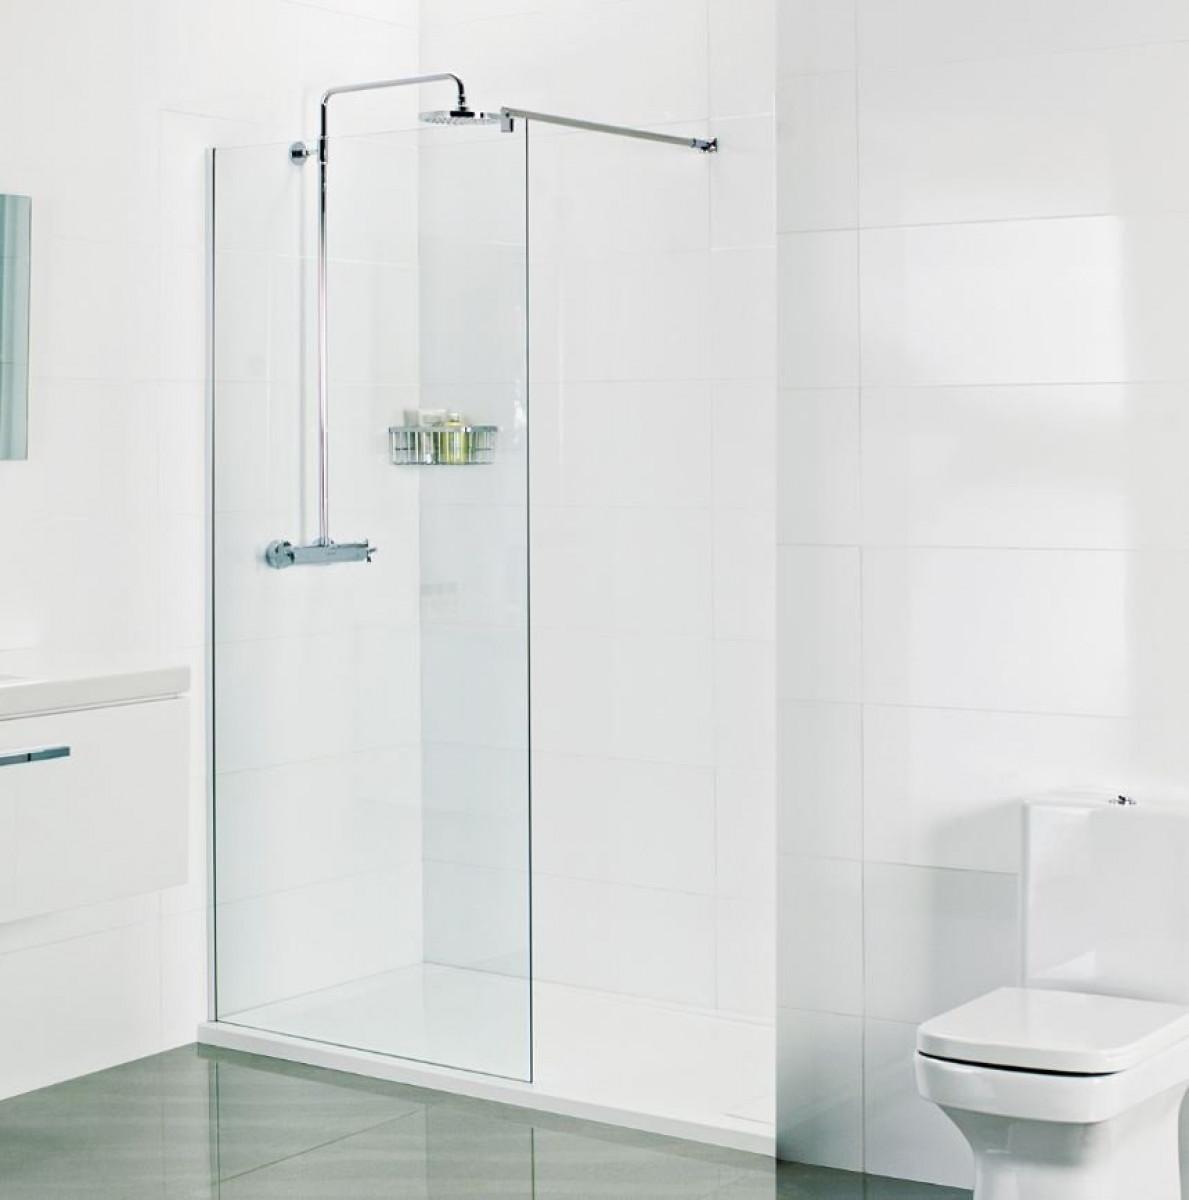 room wetroom roman corner wet shower zoom panel